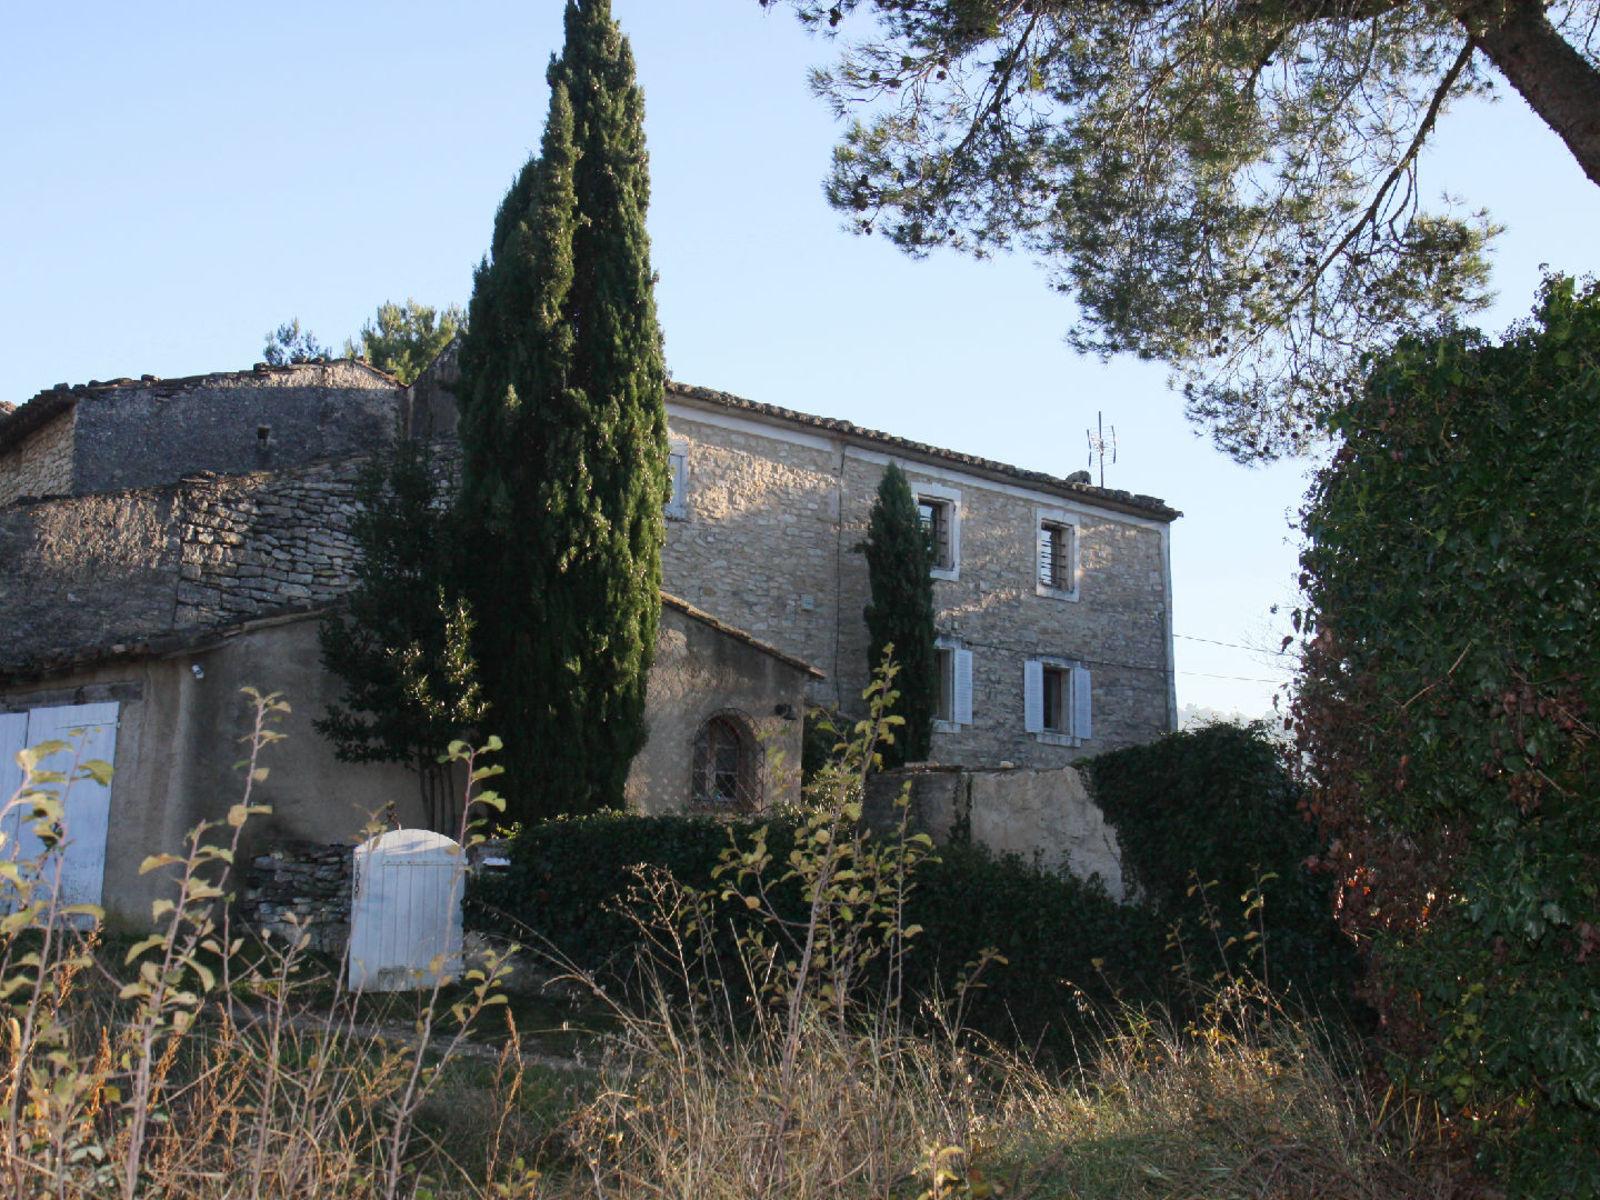 Maison de hameau en pierres vendre goult luberon for Achat maison luberon